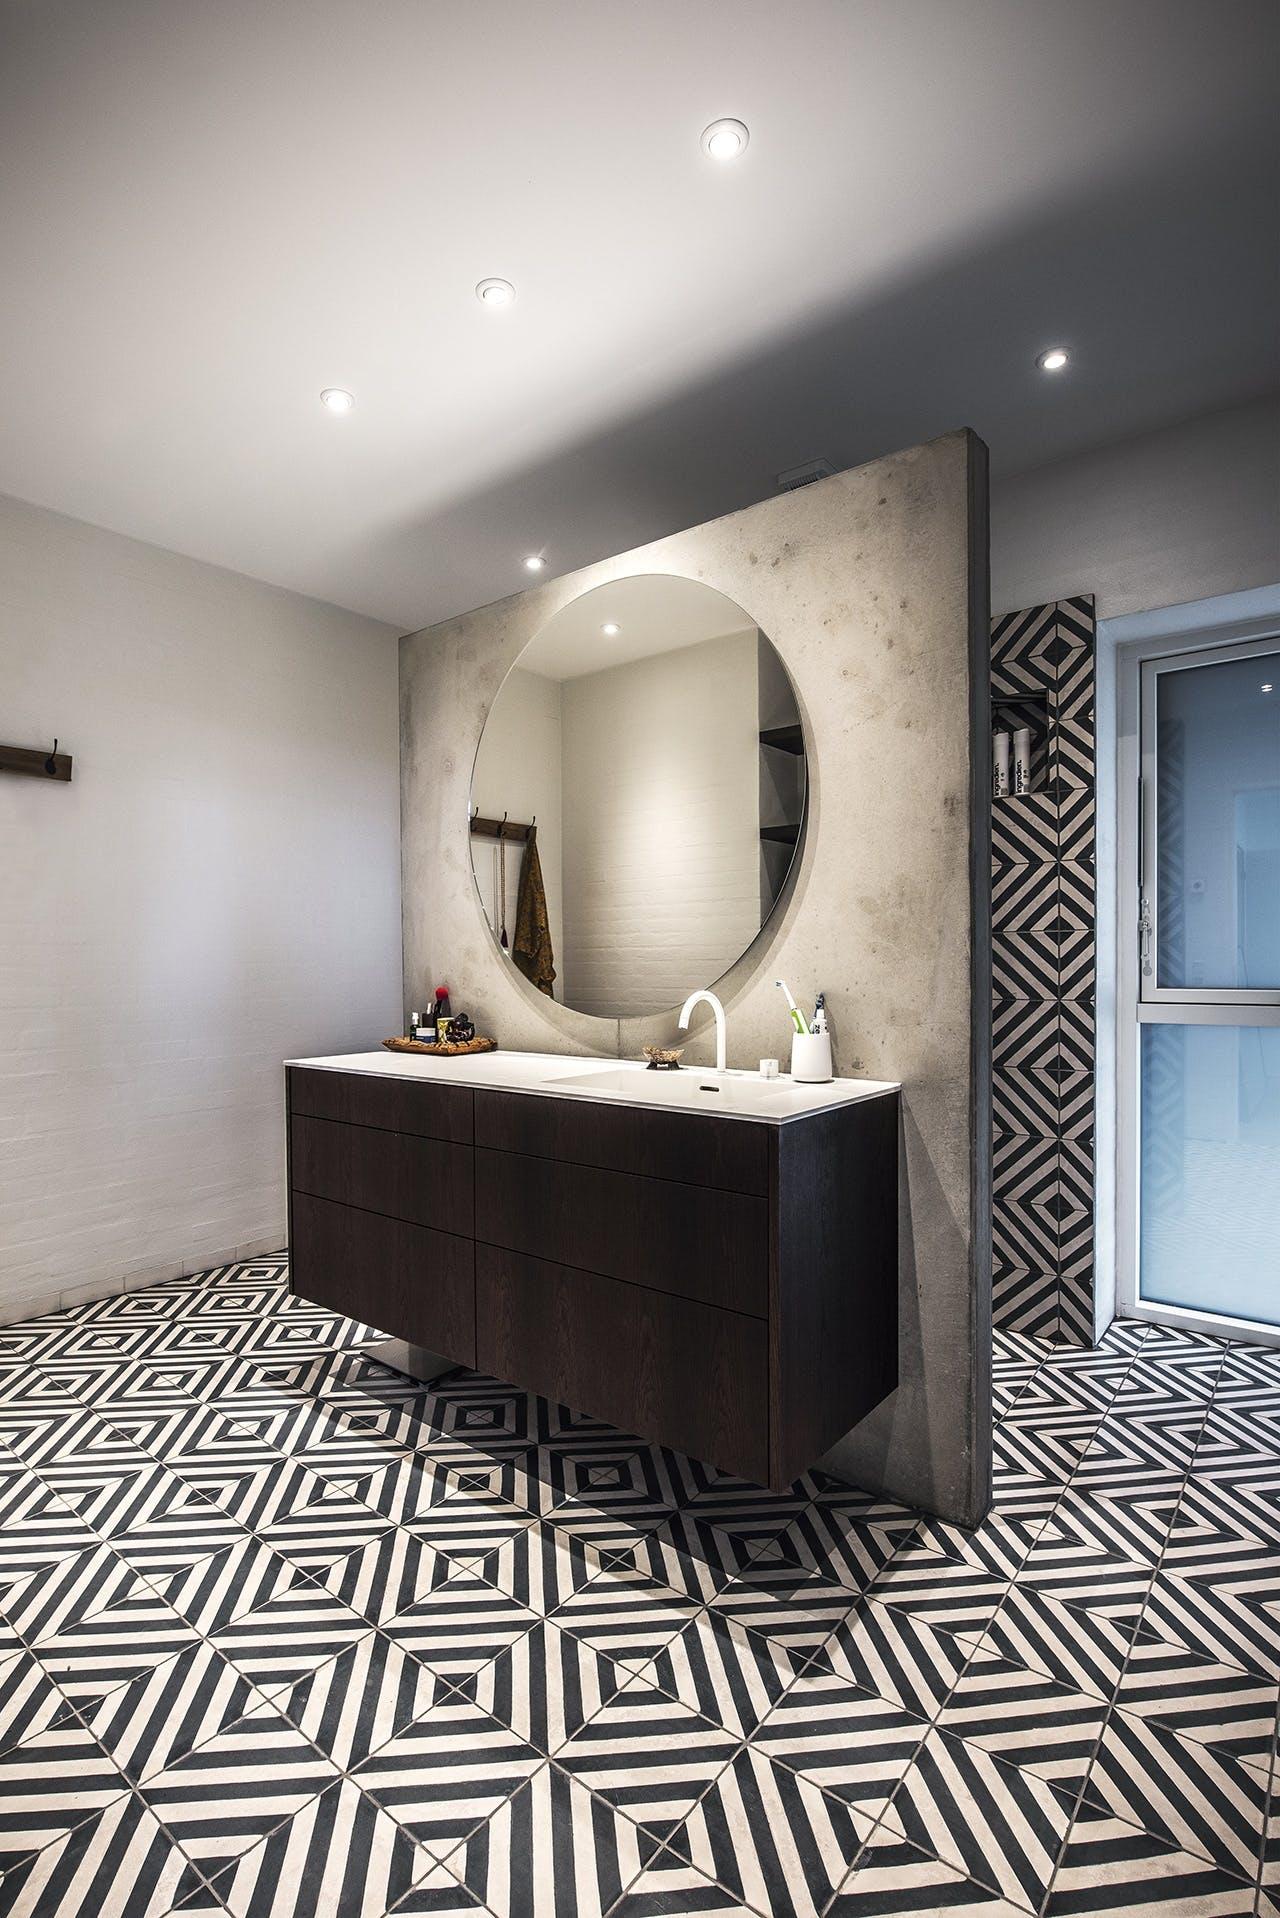 bolig boliger indretning arkitekttegnet huse badeværelse spejl